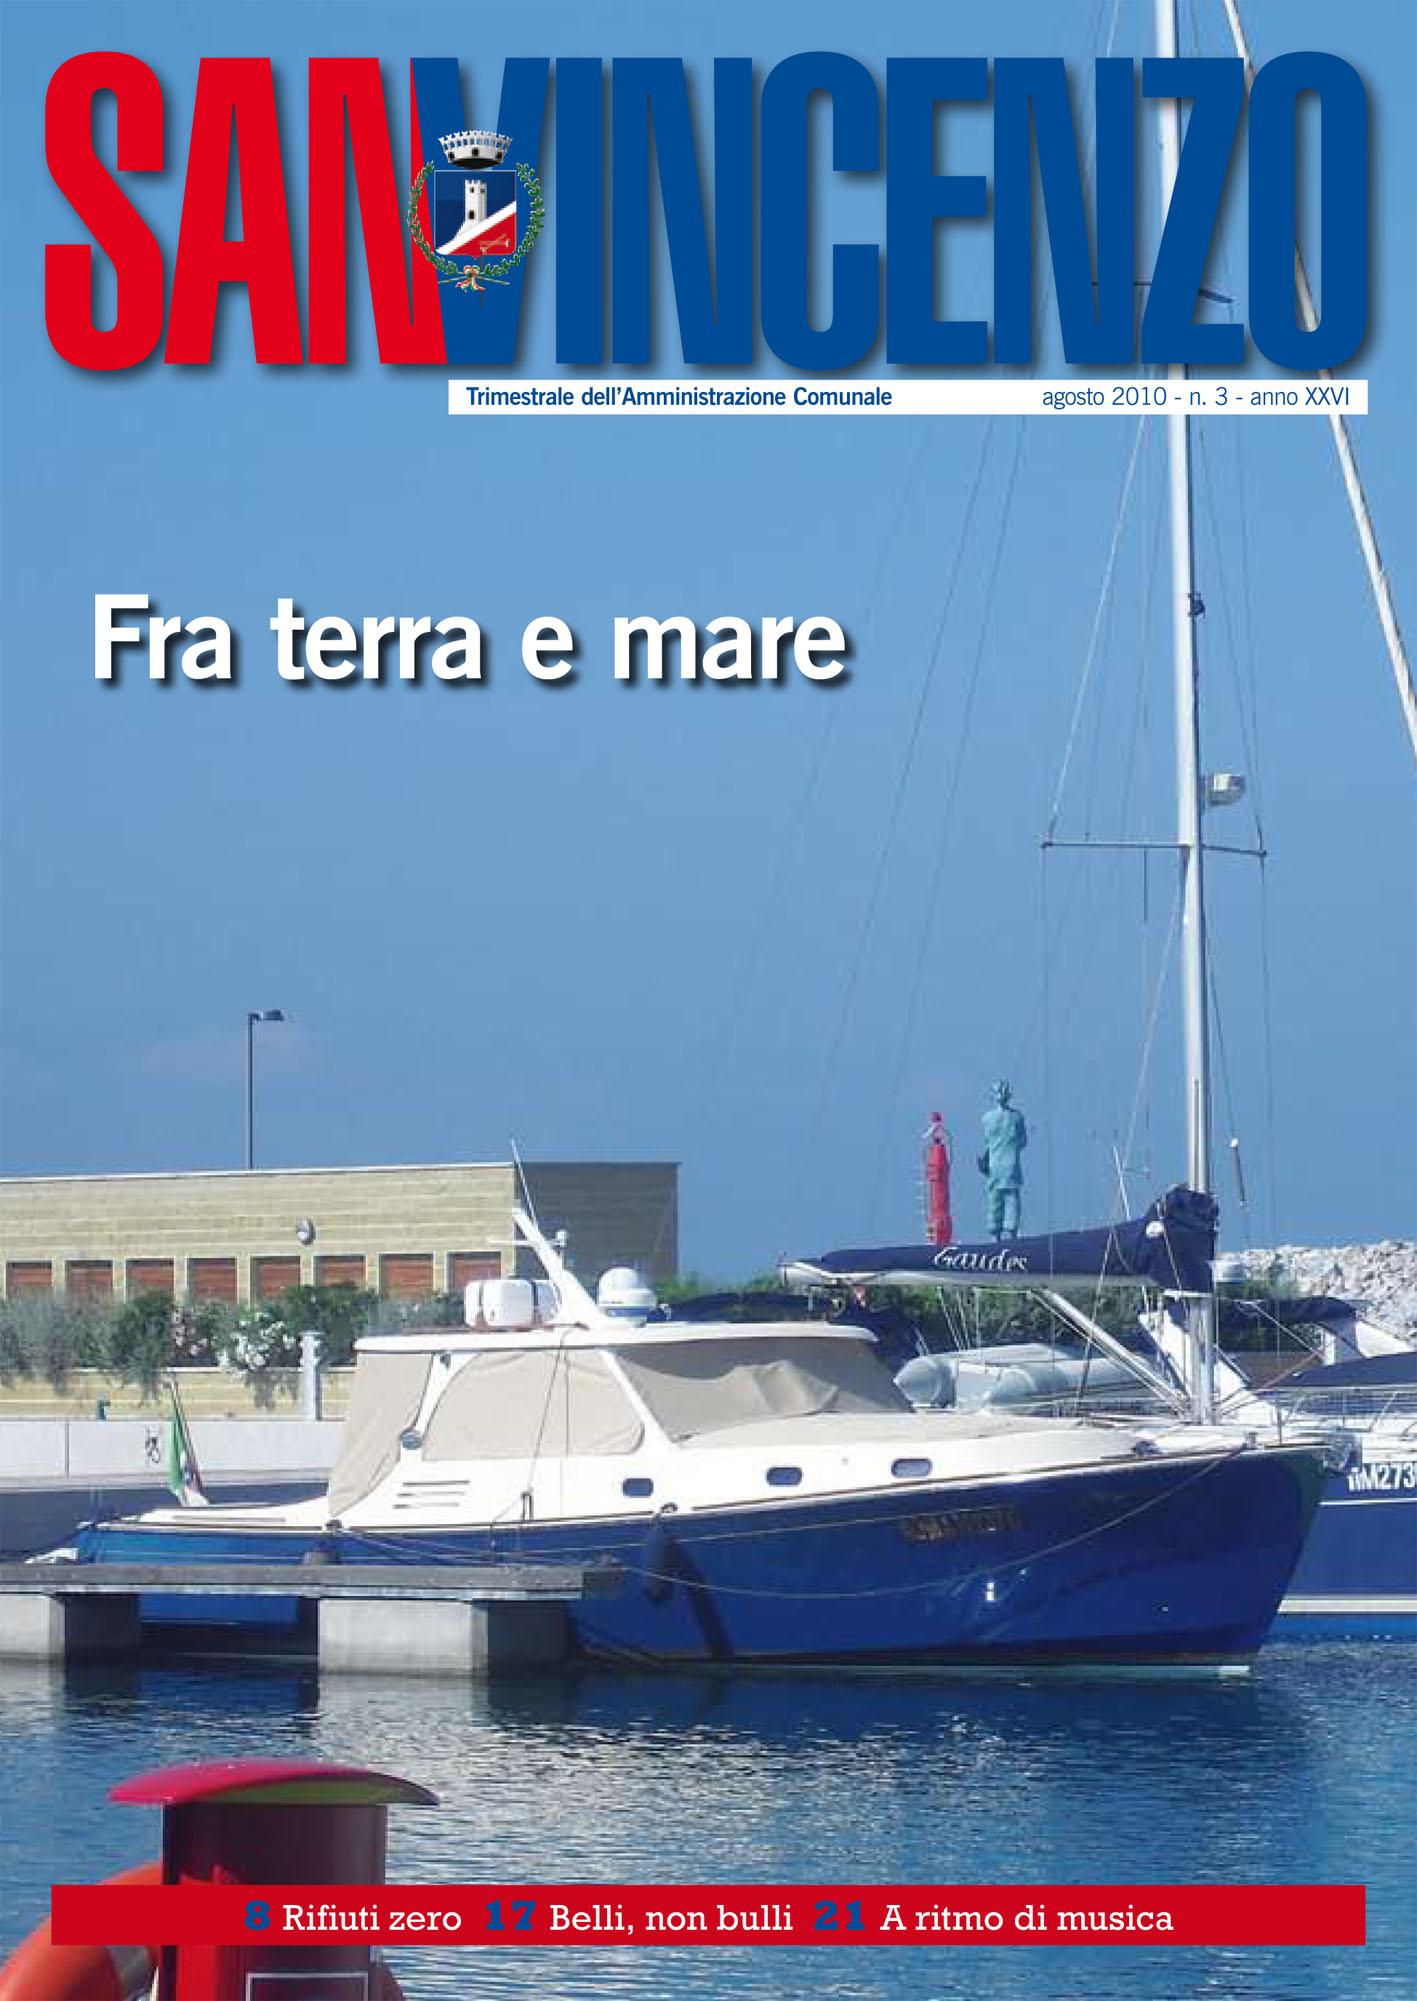 Ultima copertina del periodico comunale San Vincenzo con l'immagine del Palazzo comunale